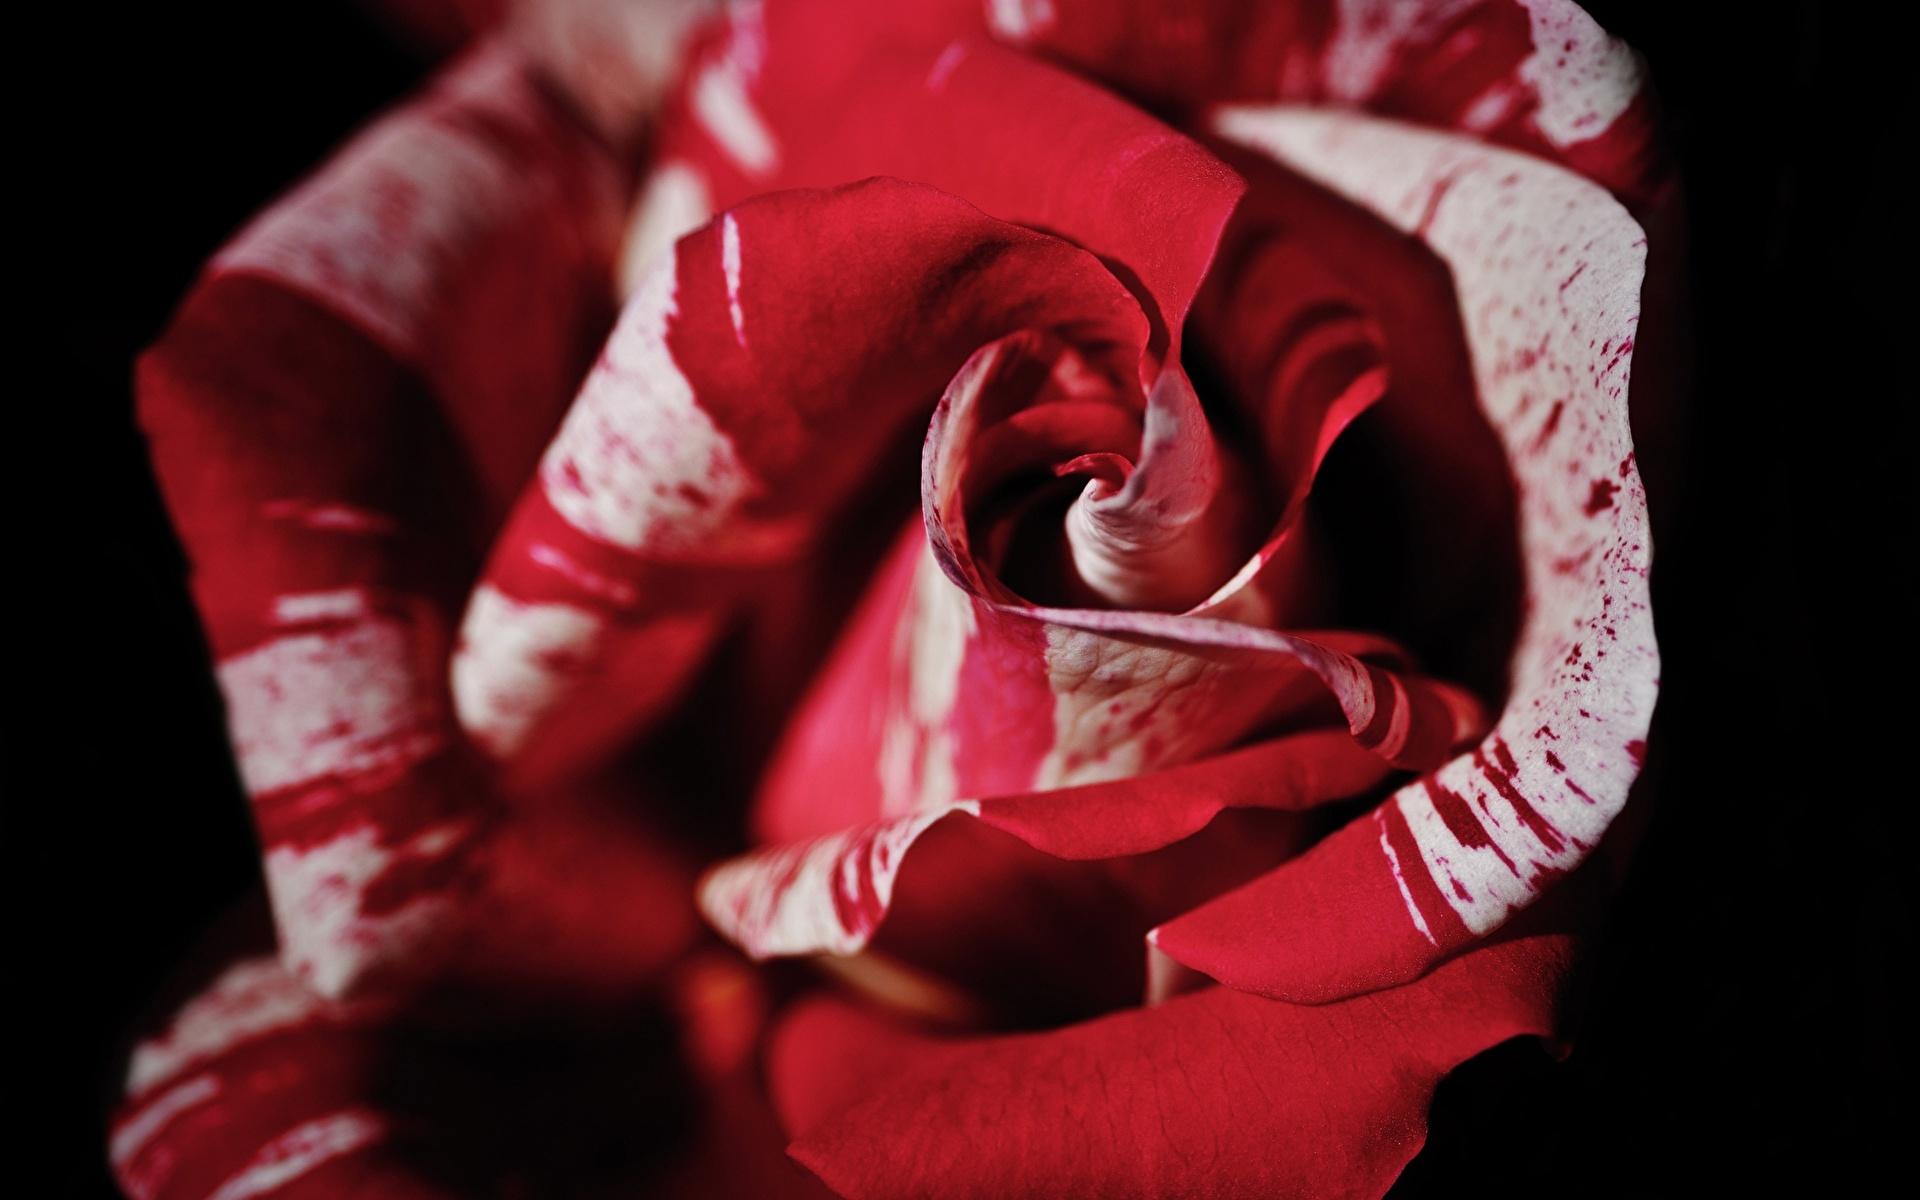 Картинка Розы красные Цветы Крупным планом 1920x1200 роза красная Красный красных цветок вблизи